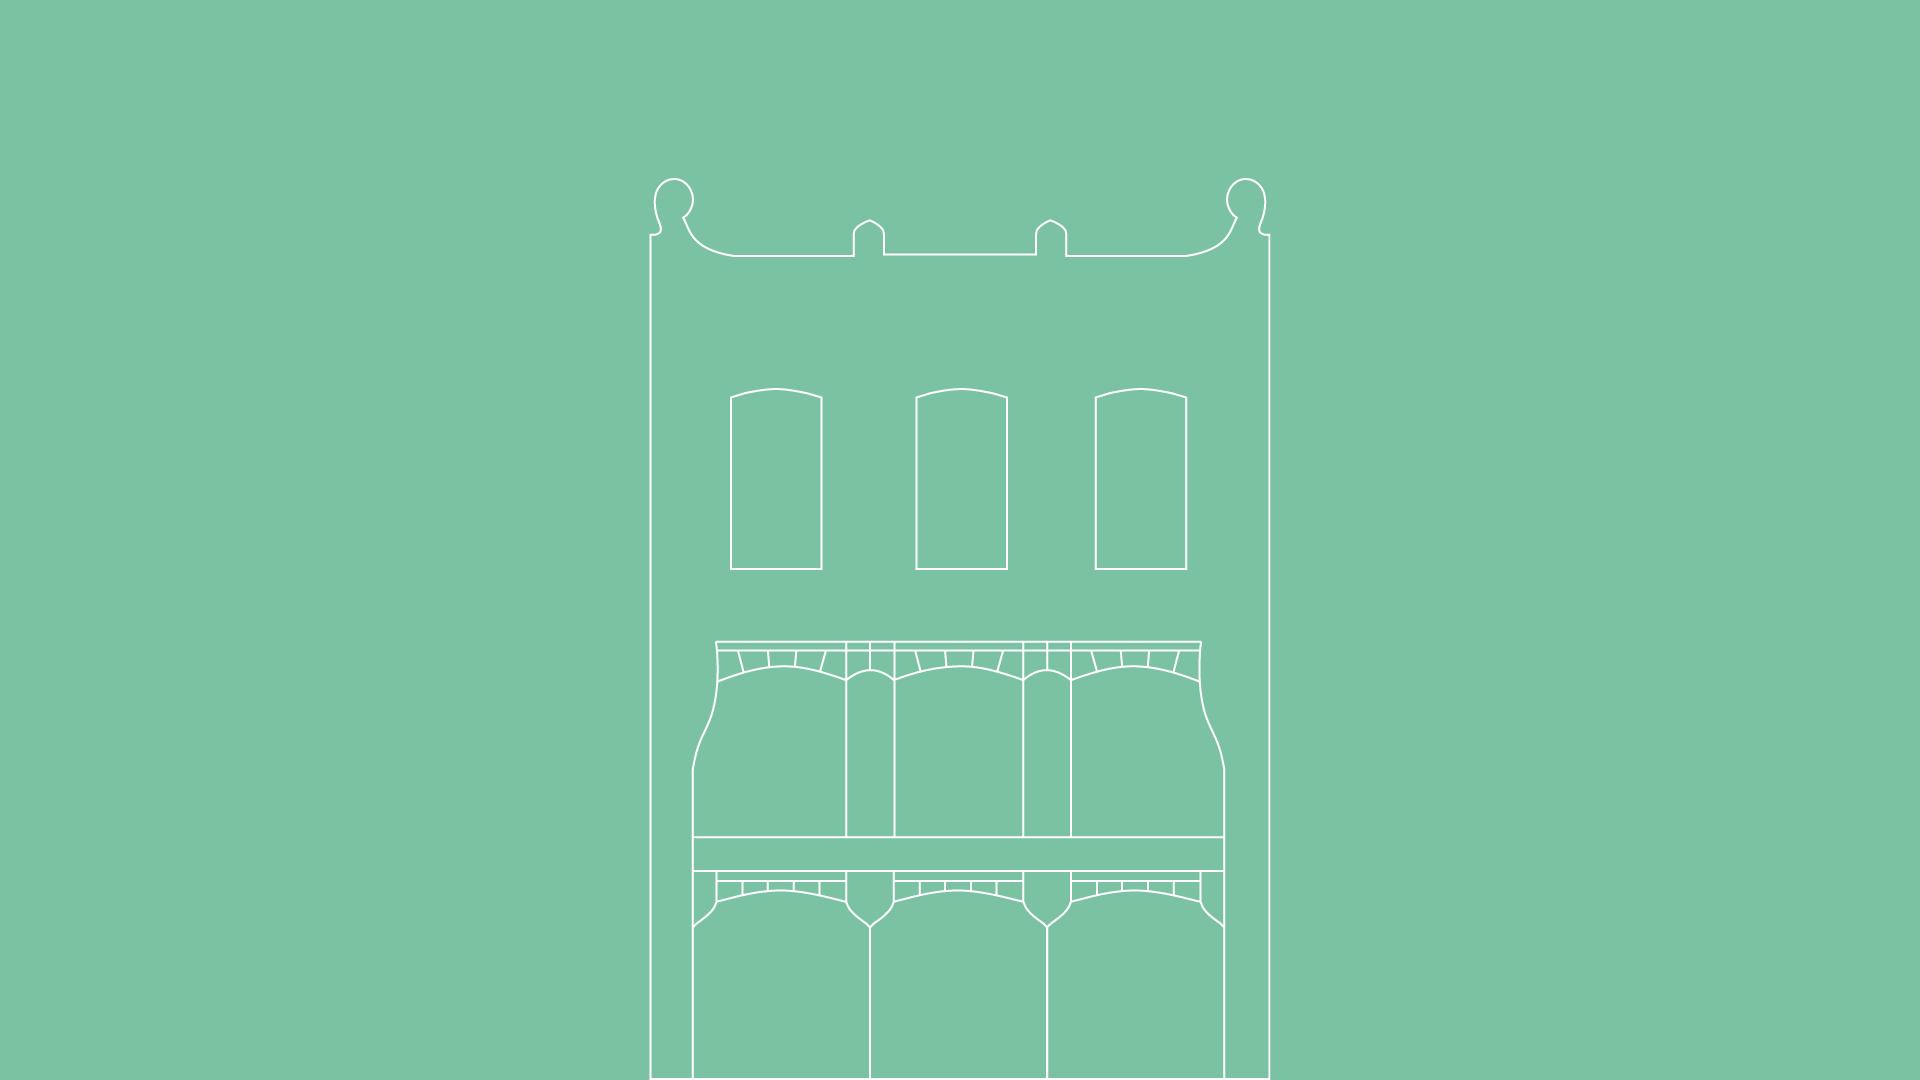 Het Magazijn | Voorstraat 180 | Dordrecht | Lugten Malschaert Architecten | West 8 Adriaan Geuze